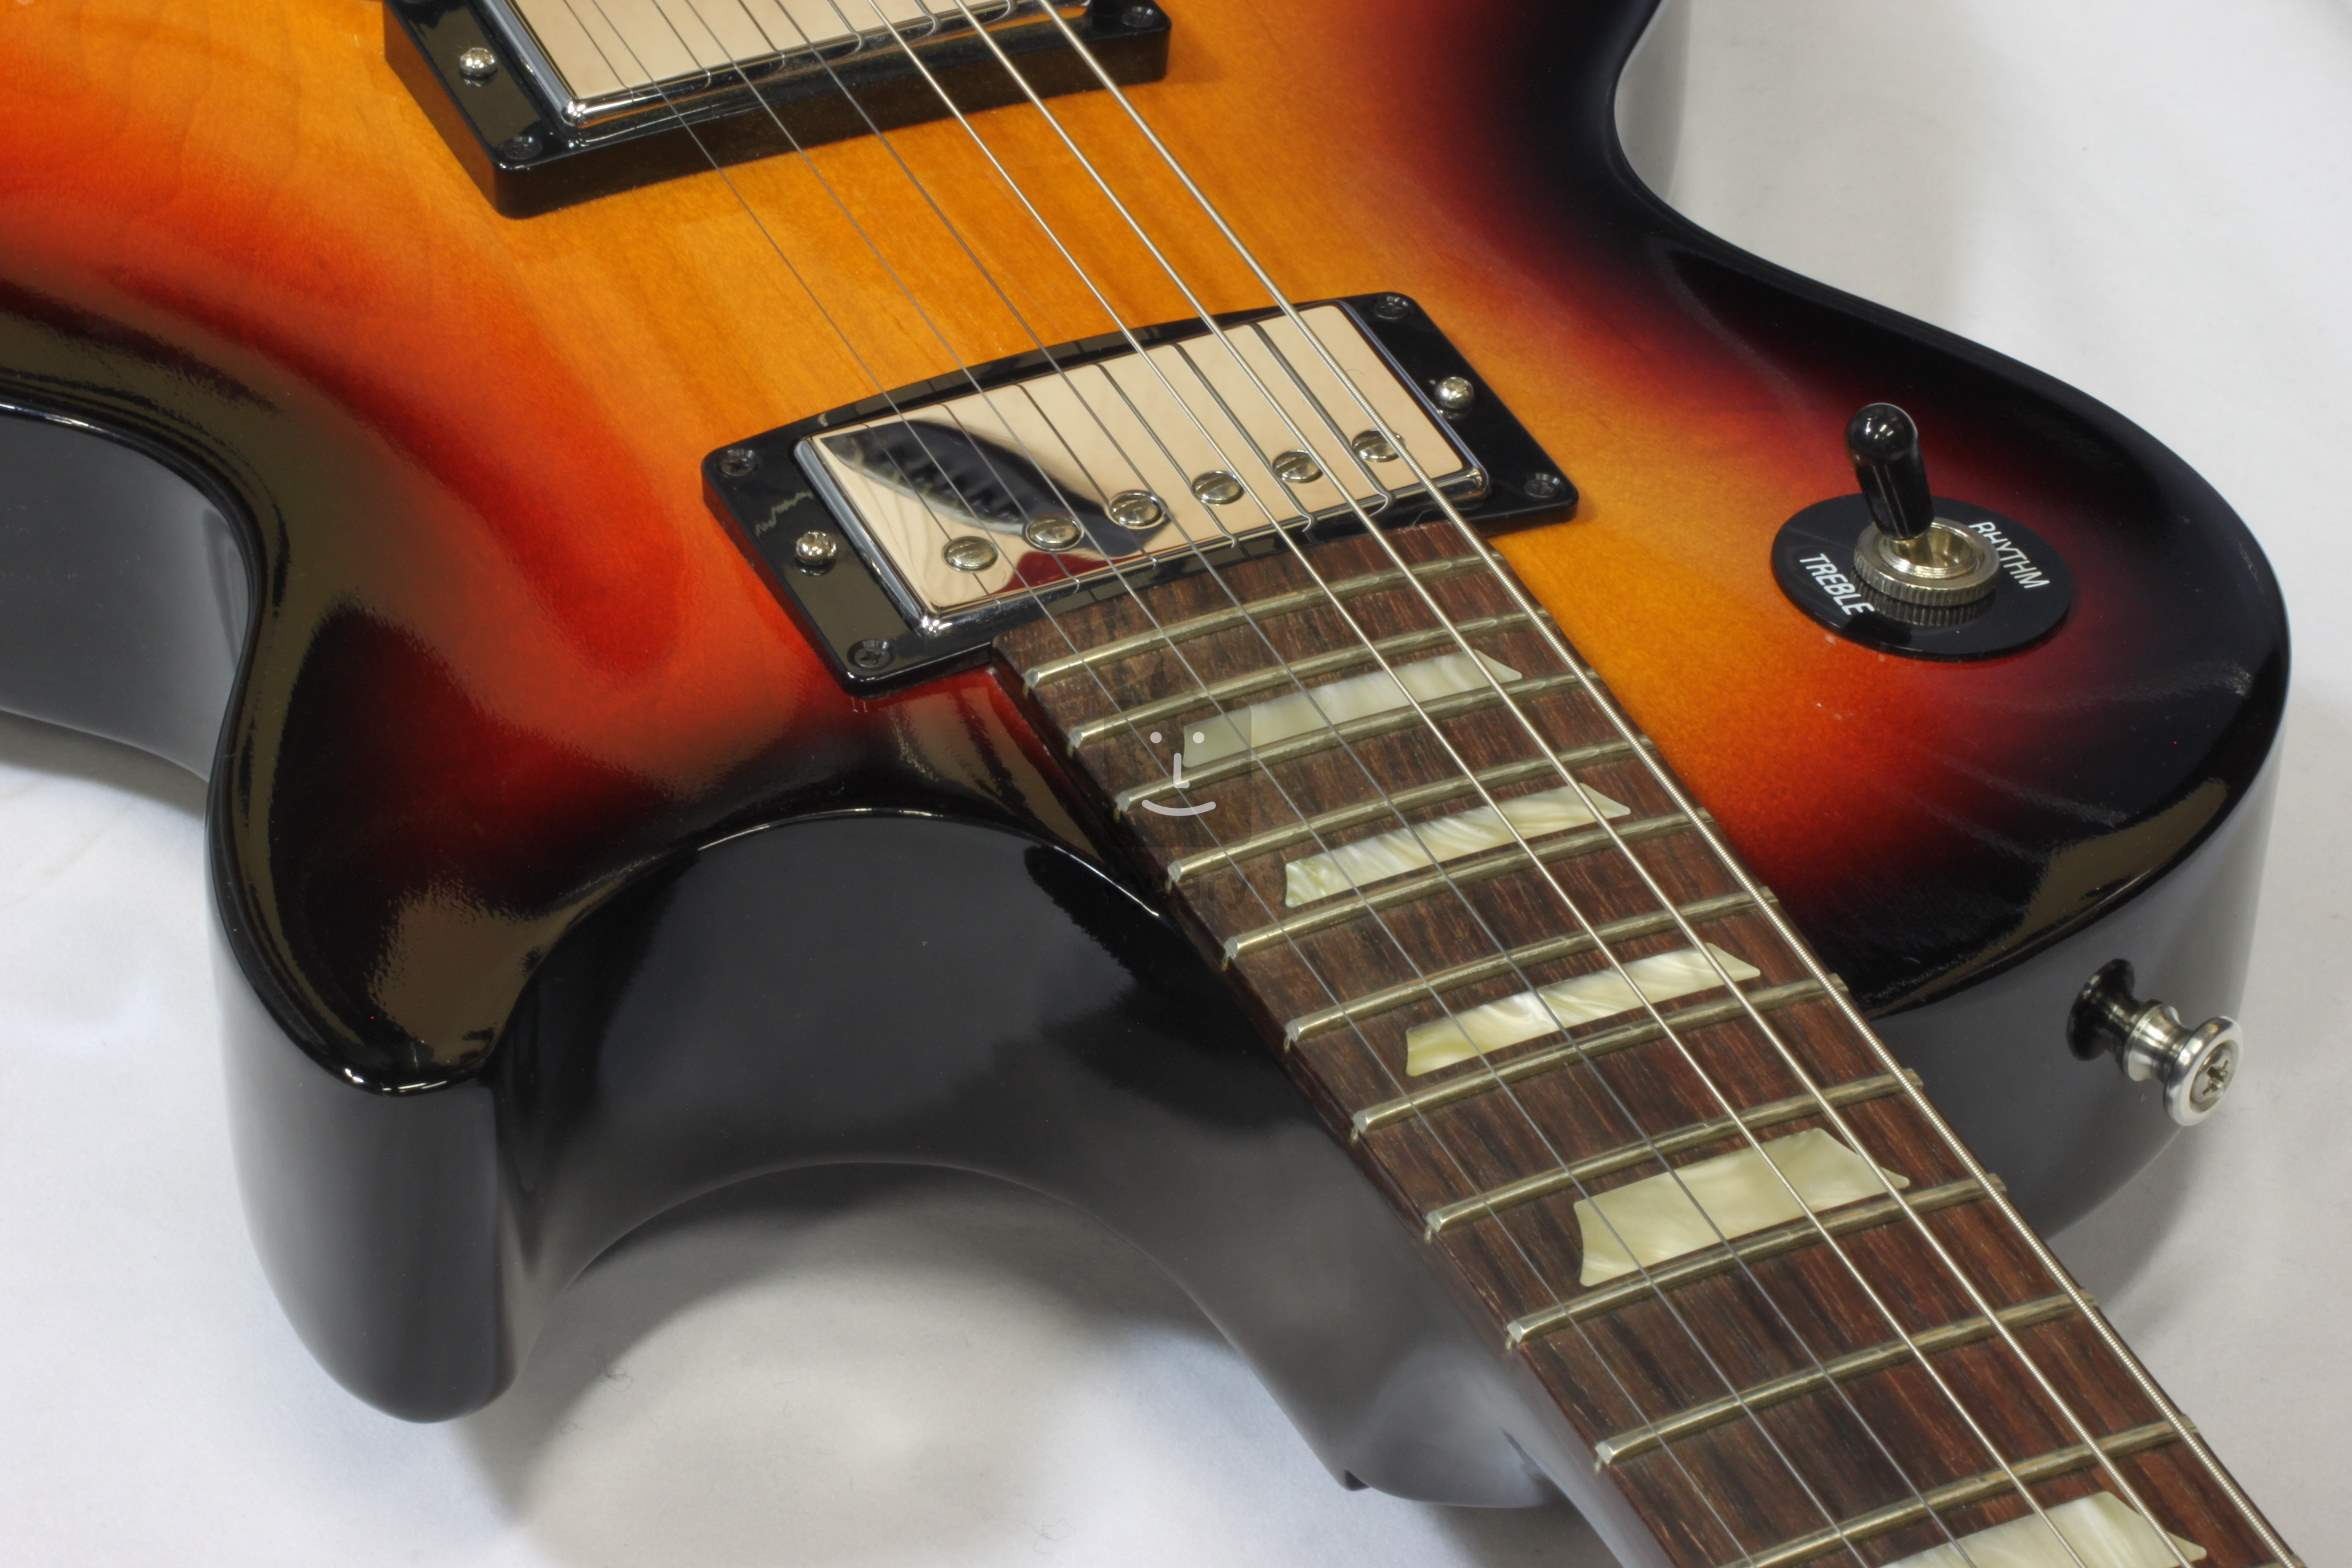 Gibson les paul kytaryco děláte, když si chodíte s někým na střední škole